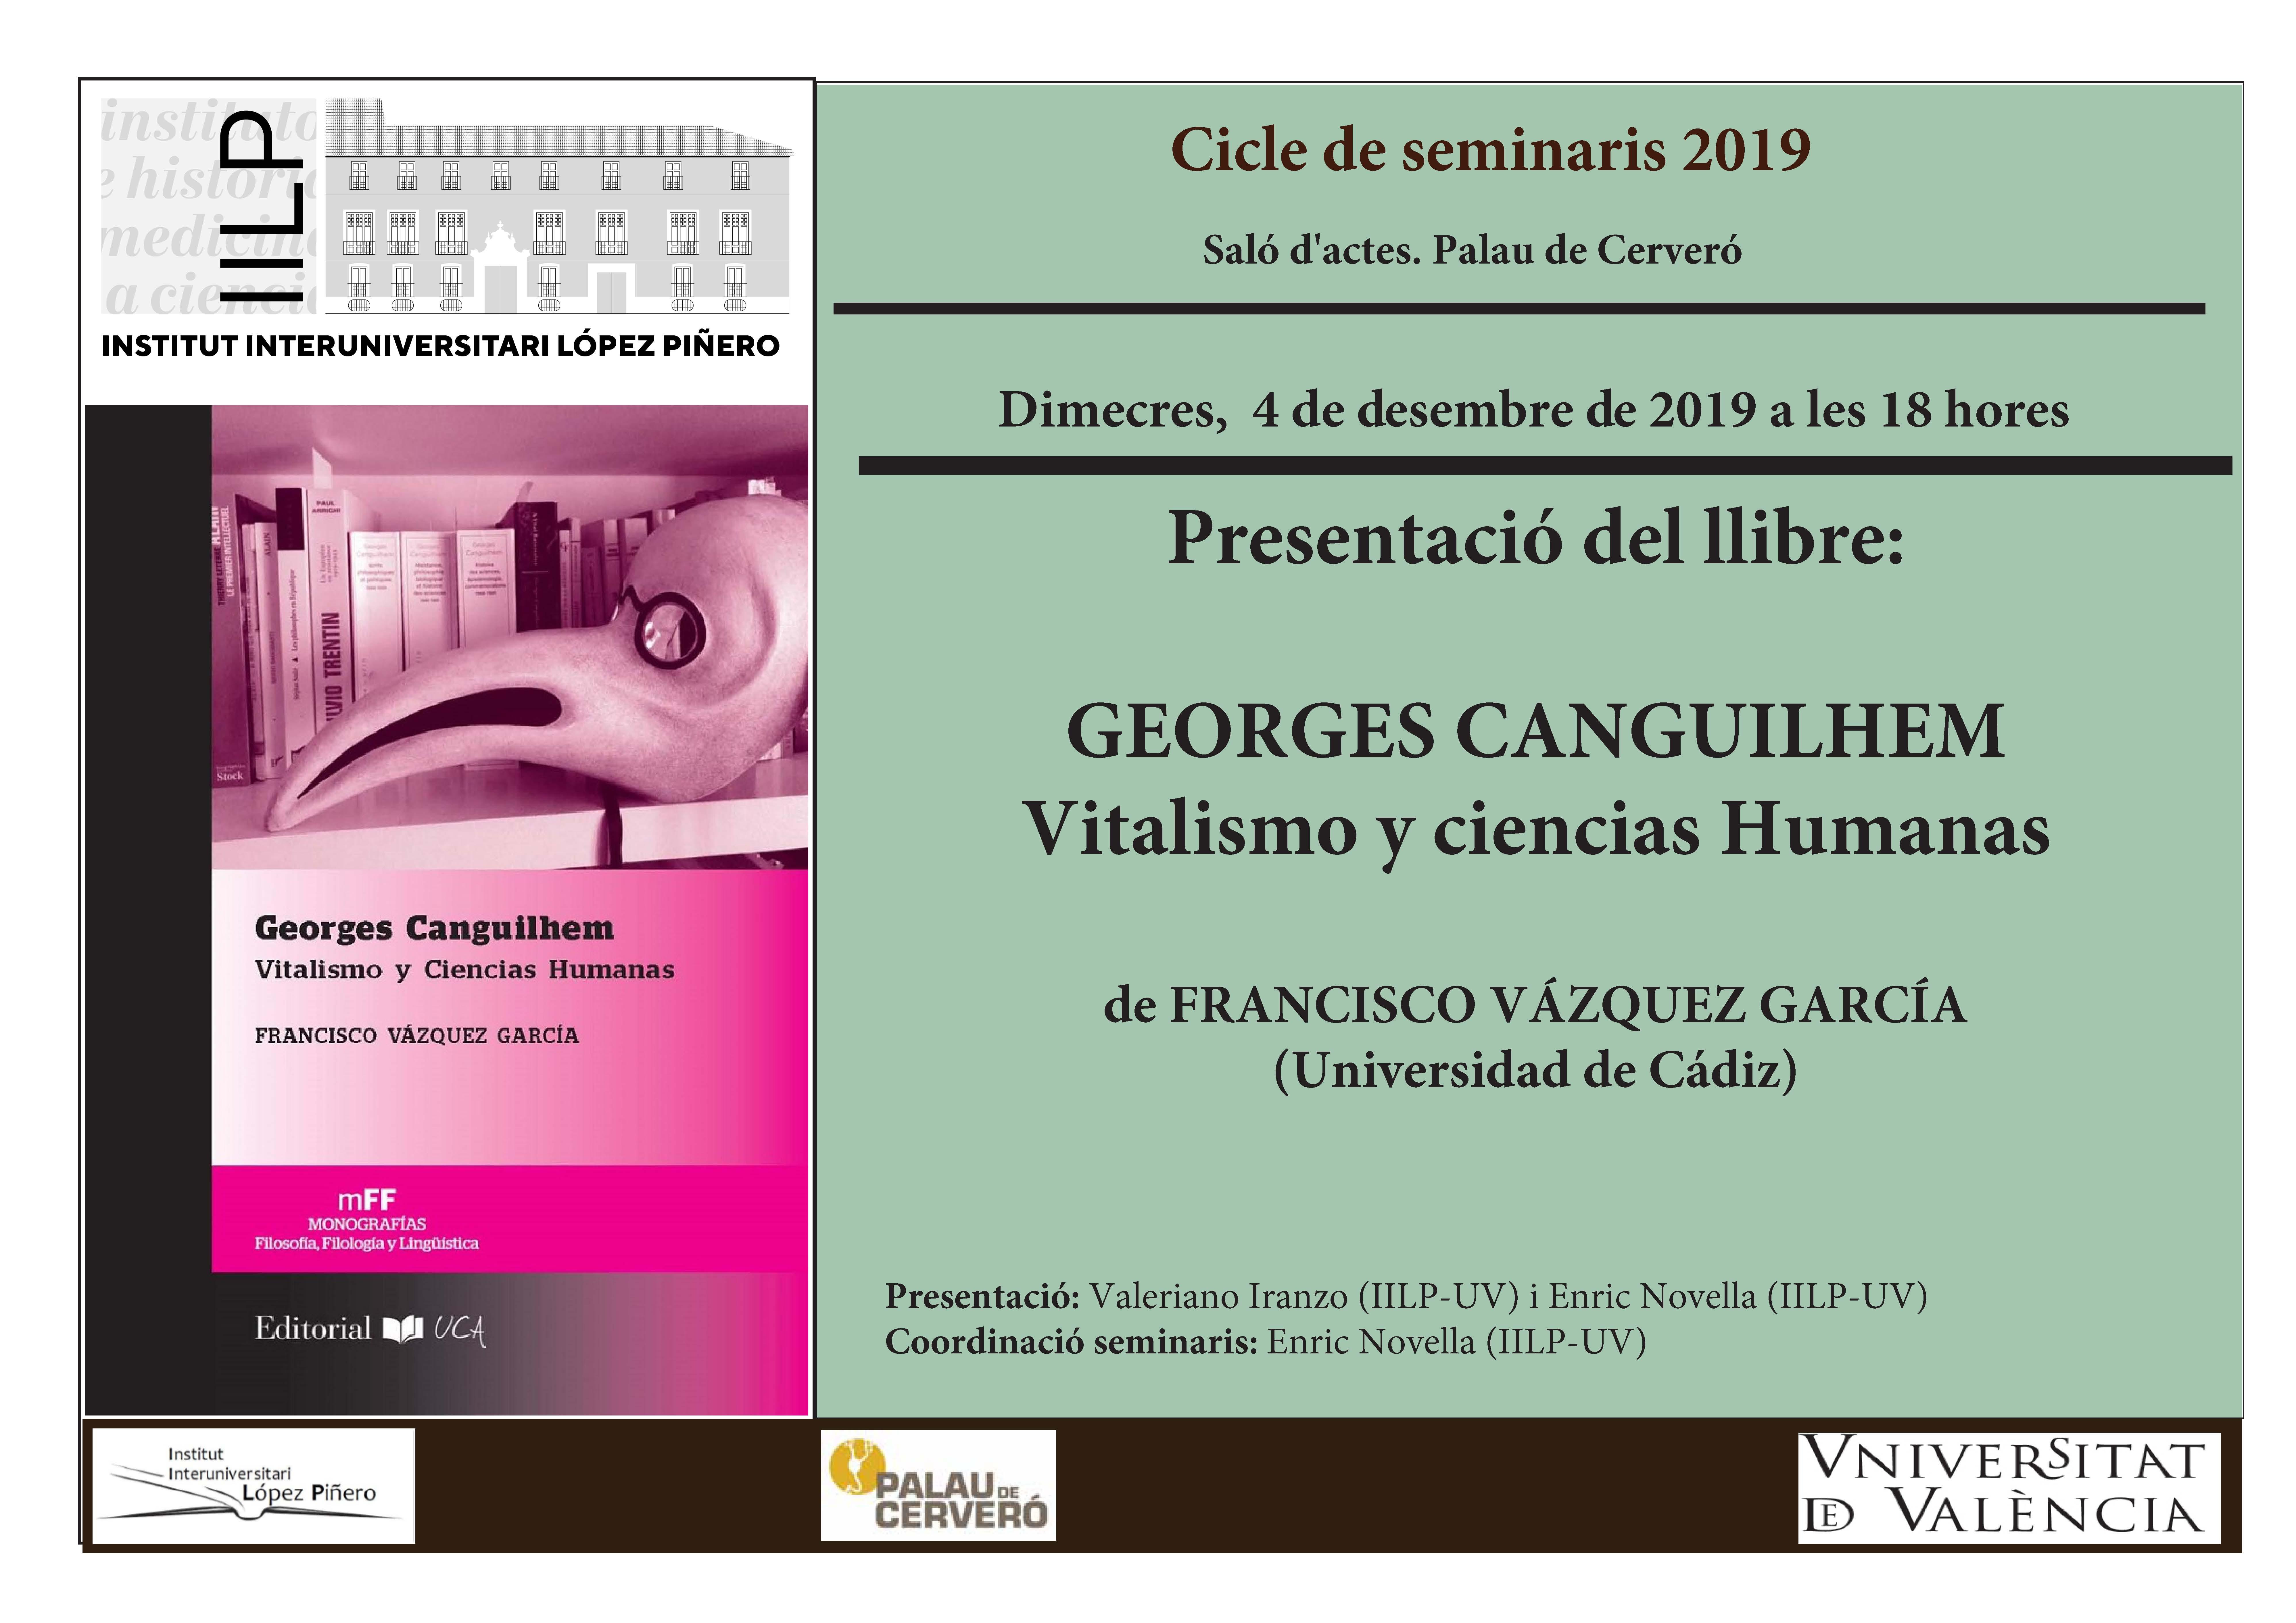 """Presentación del libro """"Georges Canguilhem: Vitalismo y ciencias humanas"""" de Francisco Vázquez García"""